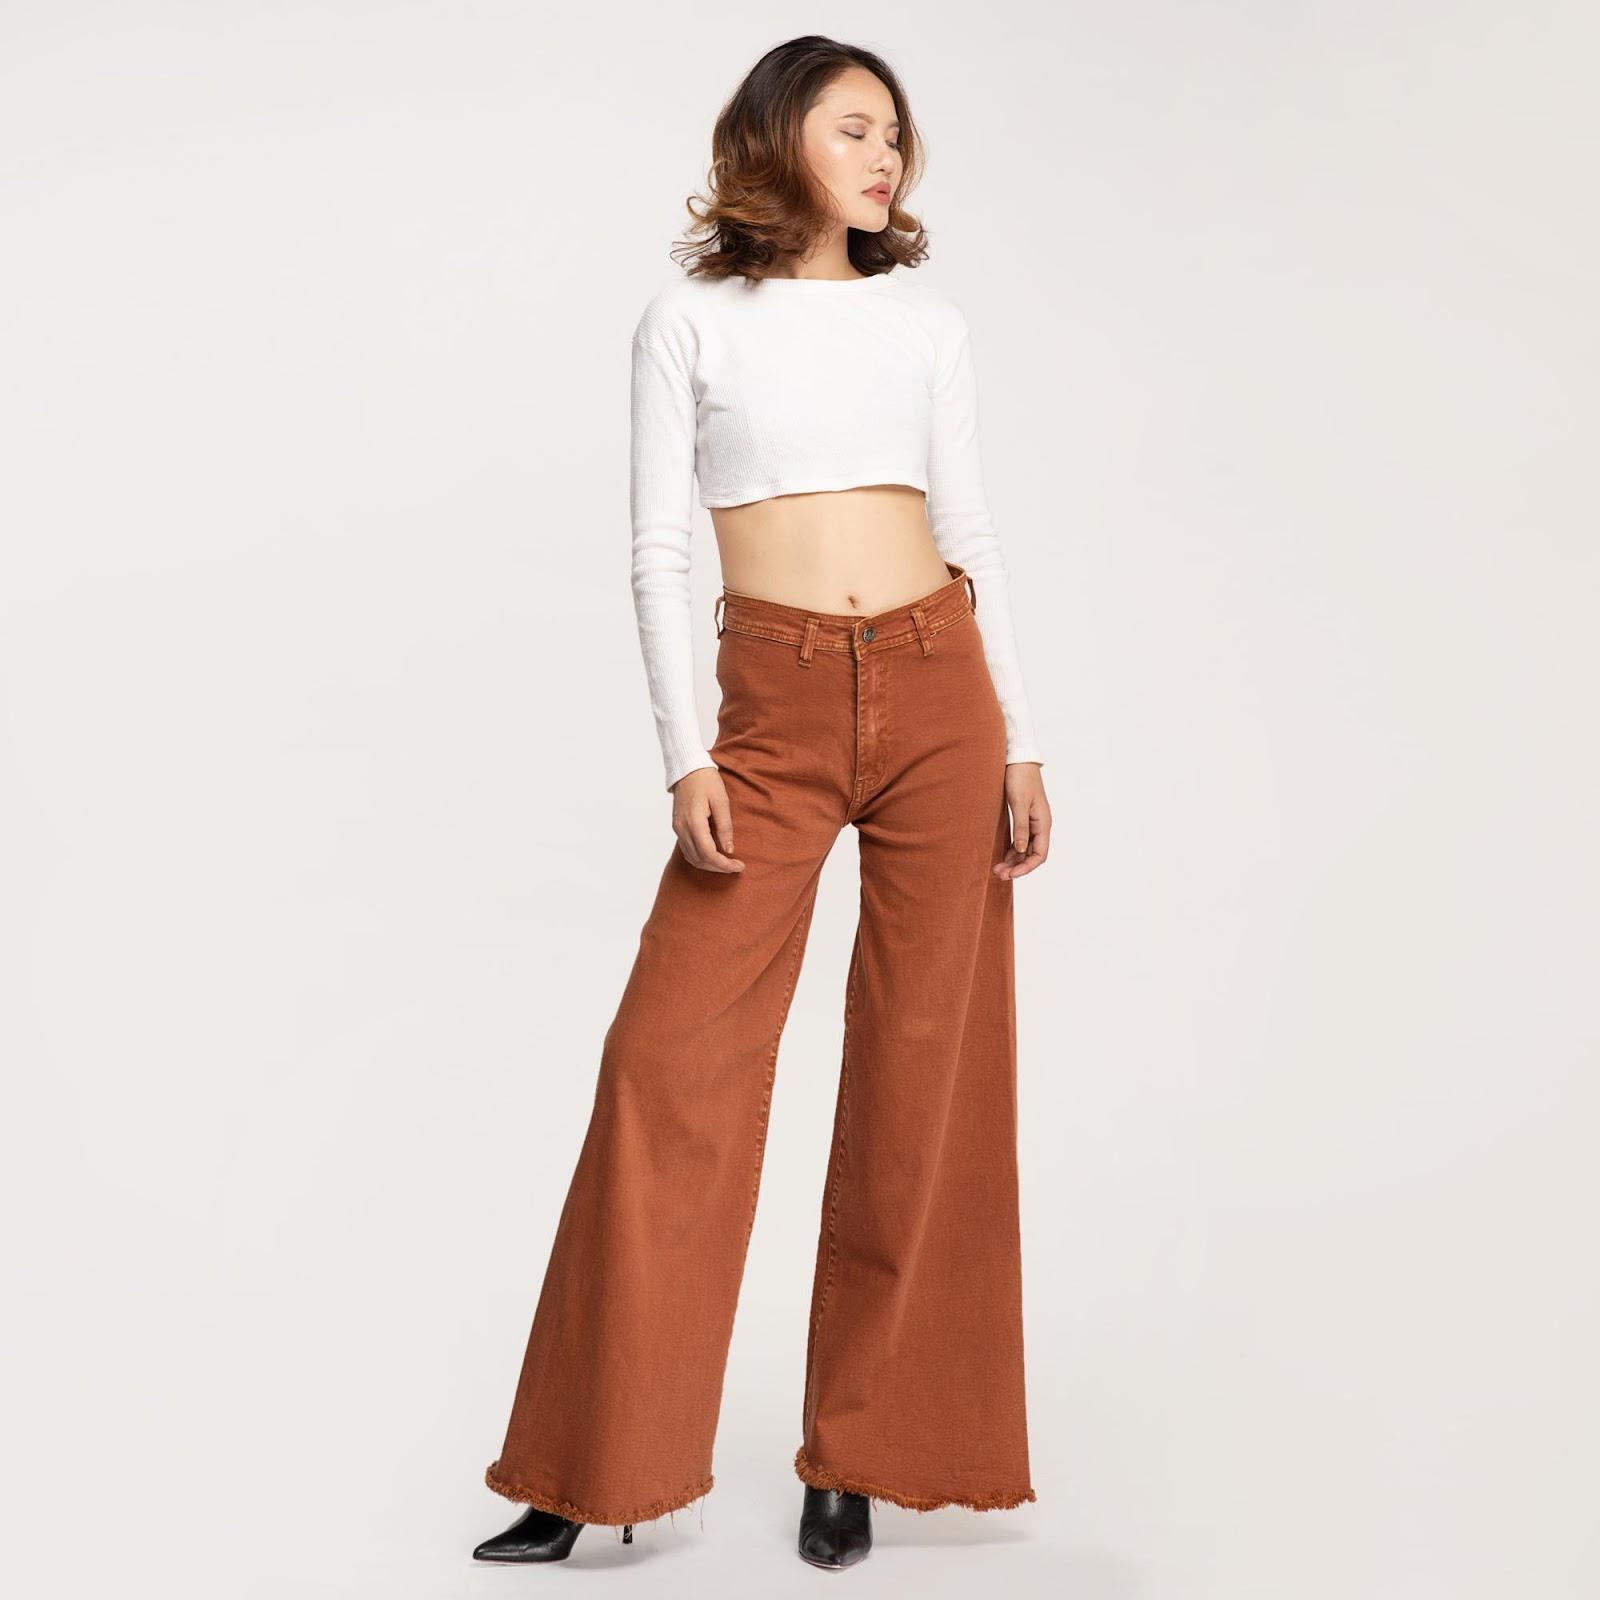 Đa dạng mẫu culottes jeans cho bạn lựa chọn